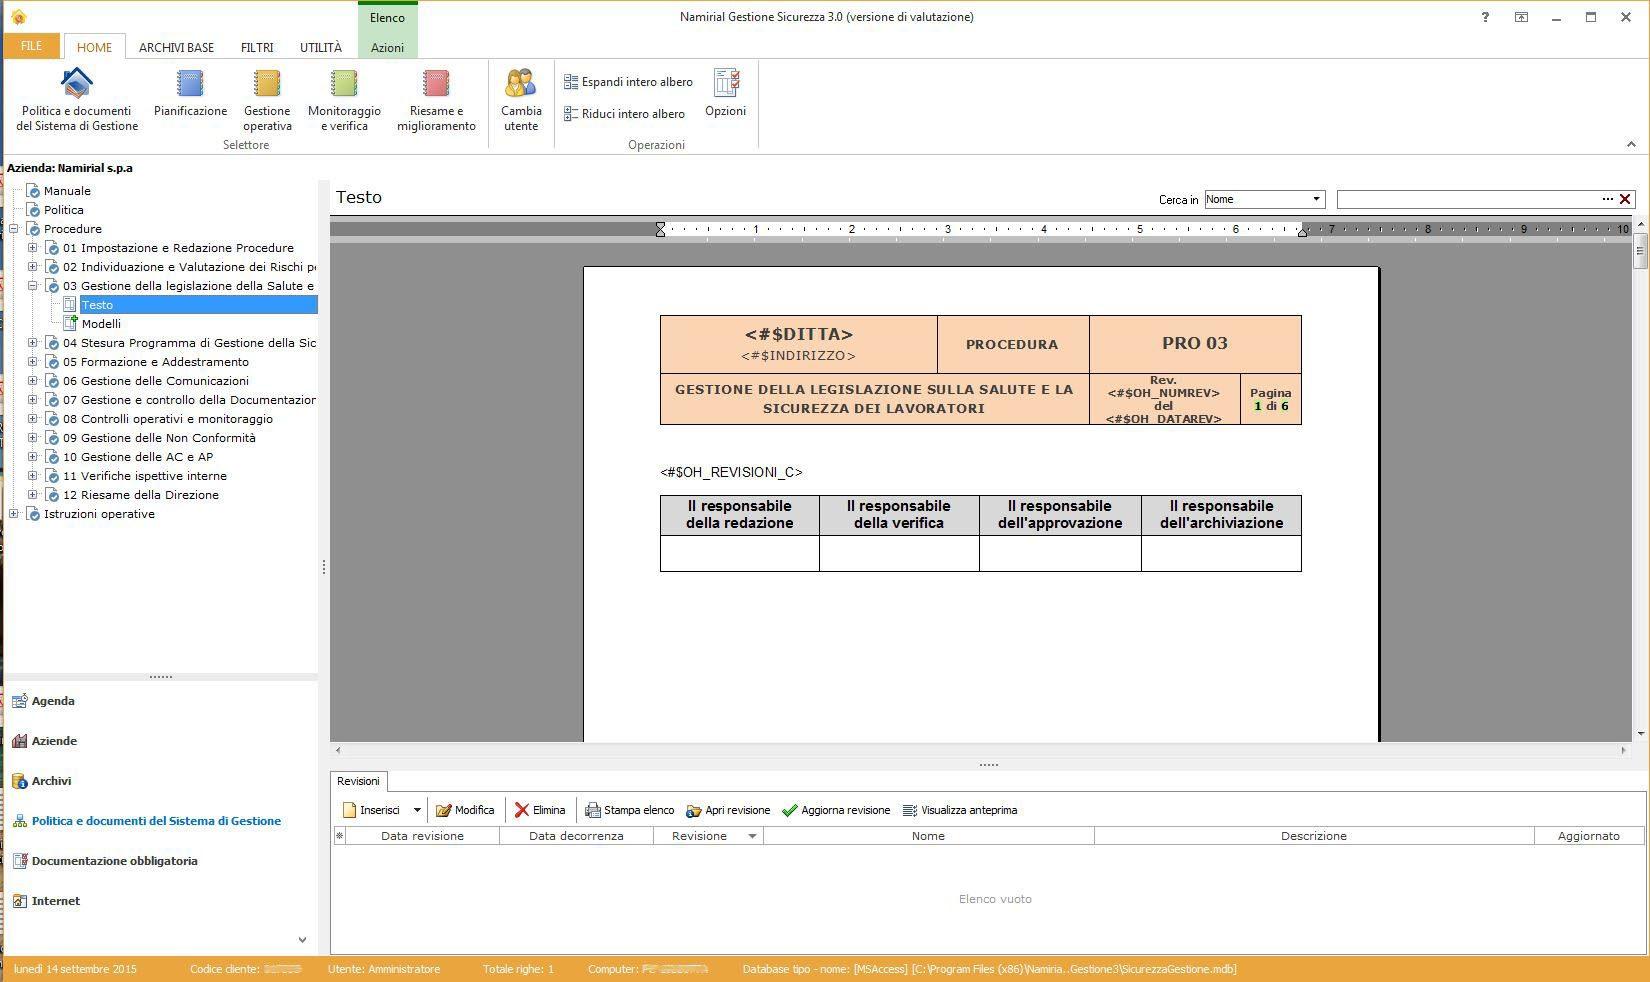 Sicurezza Gestione - Politica e documenti del sistema di Gestione